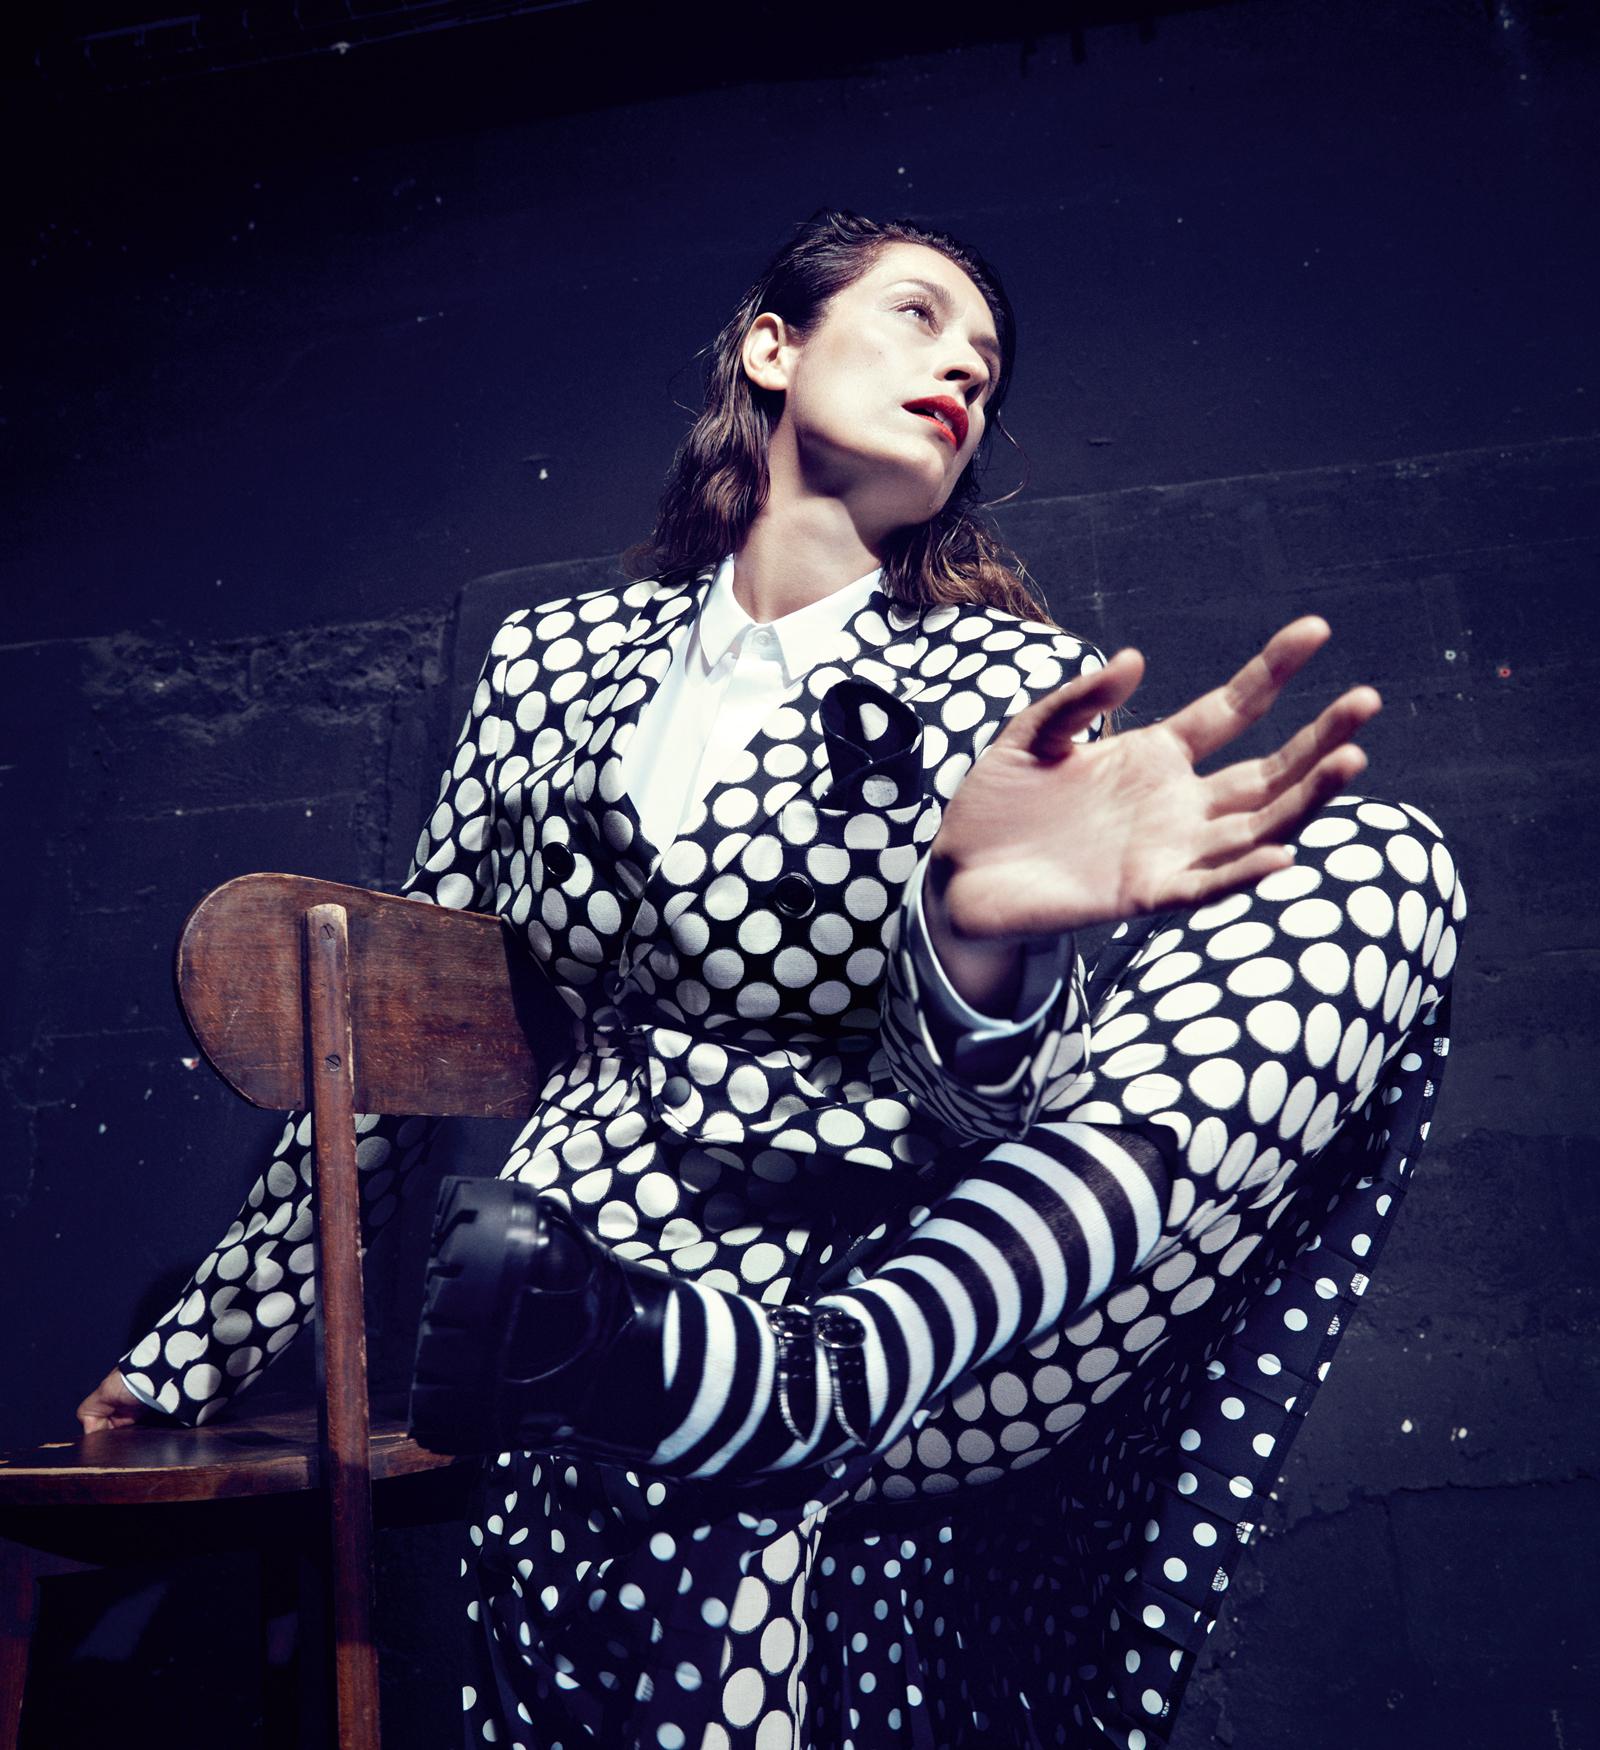 Polka dot wool-blend man suit and white poplin shirt  KRIS VAN ASSCHE ,dot print silk skirt  COMME DES GARÇONS stylist's own.